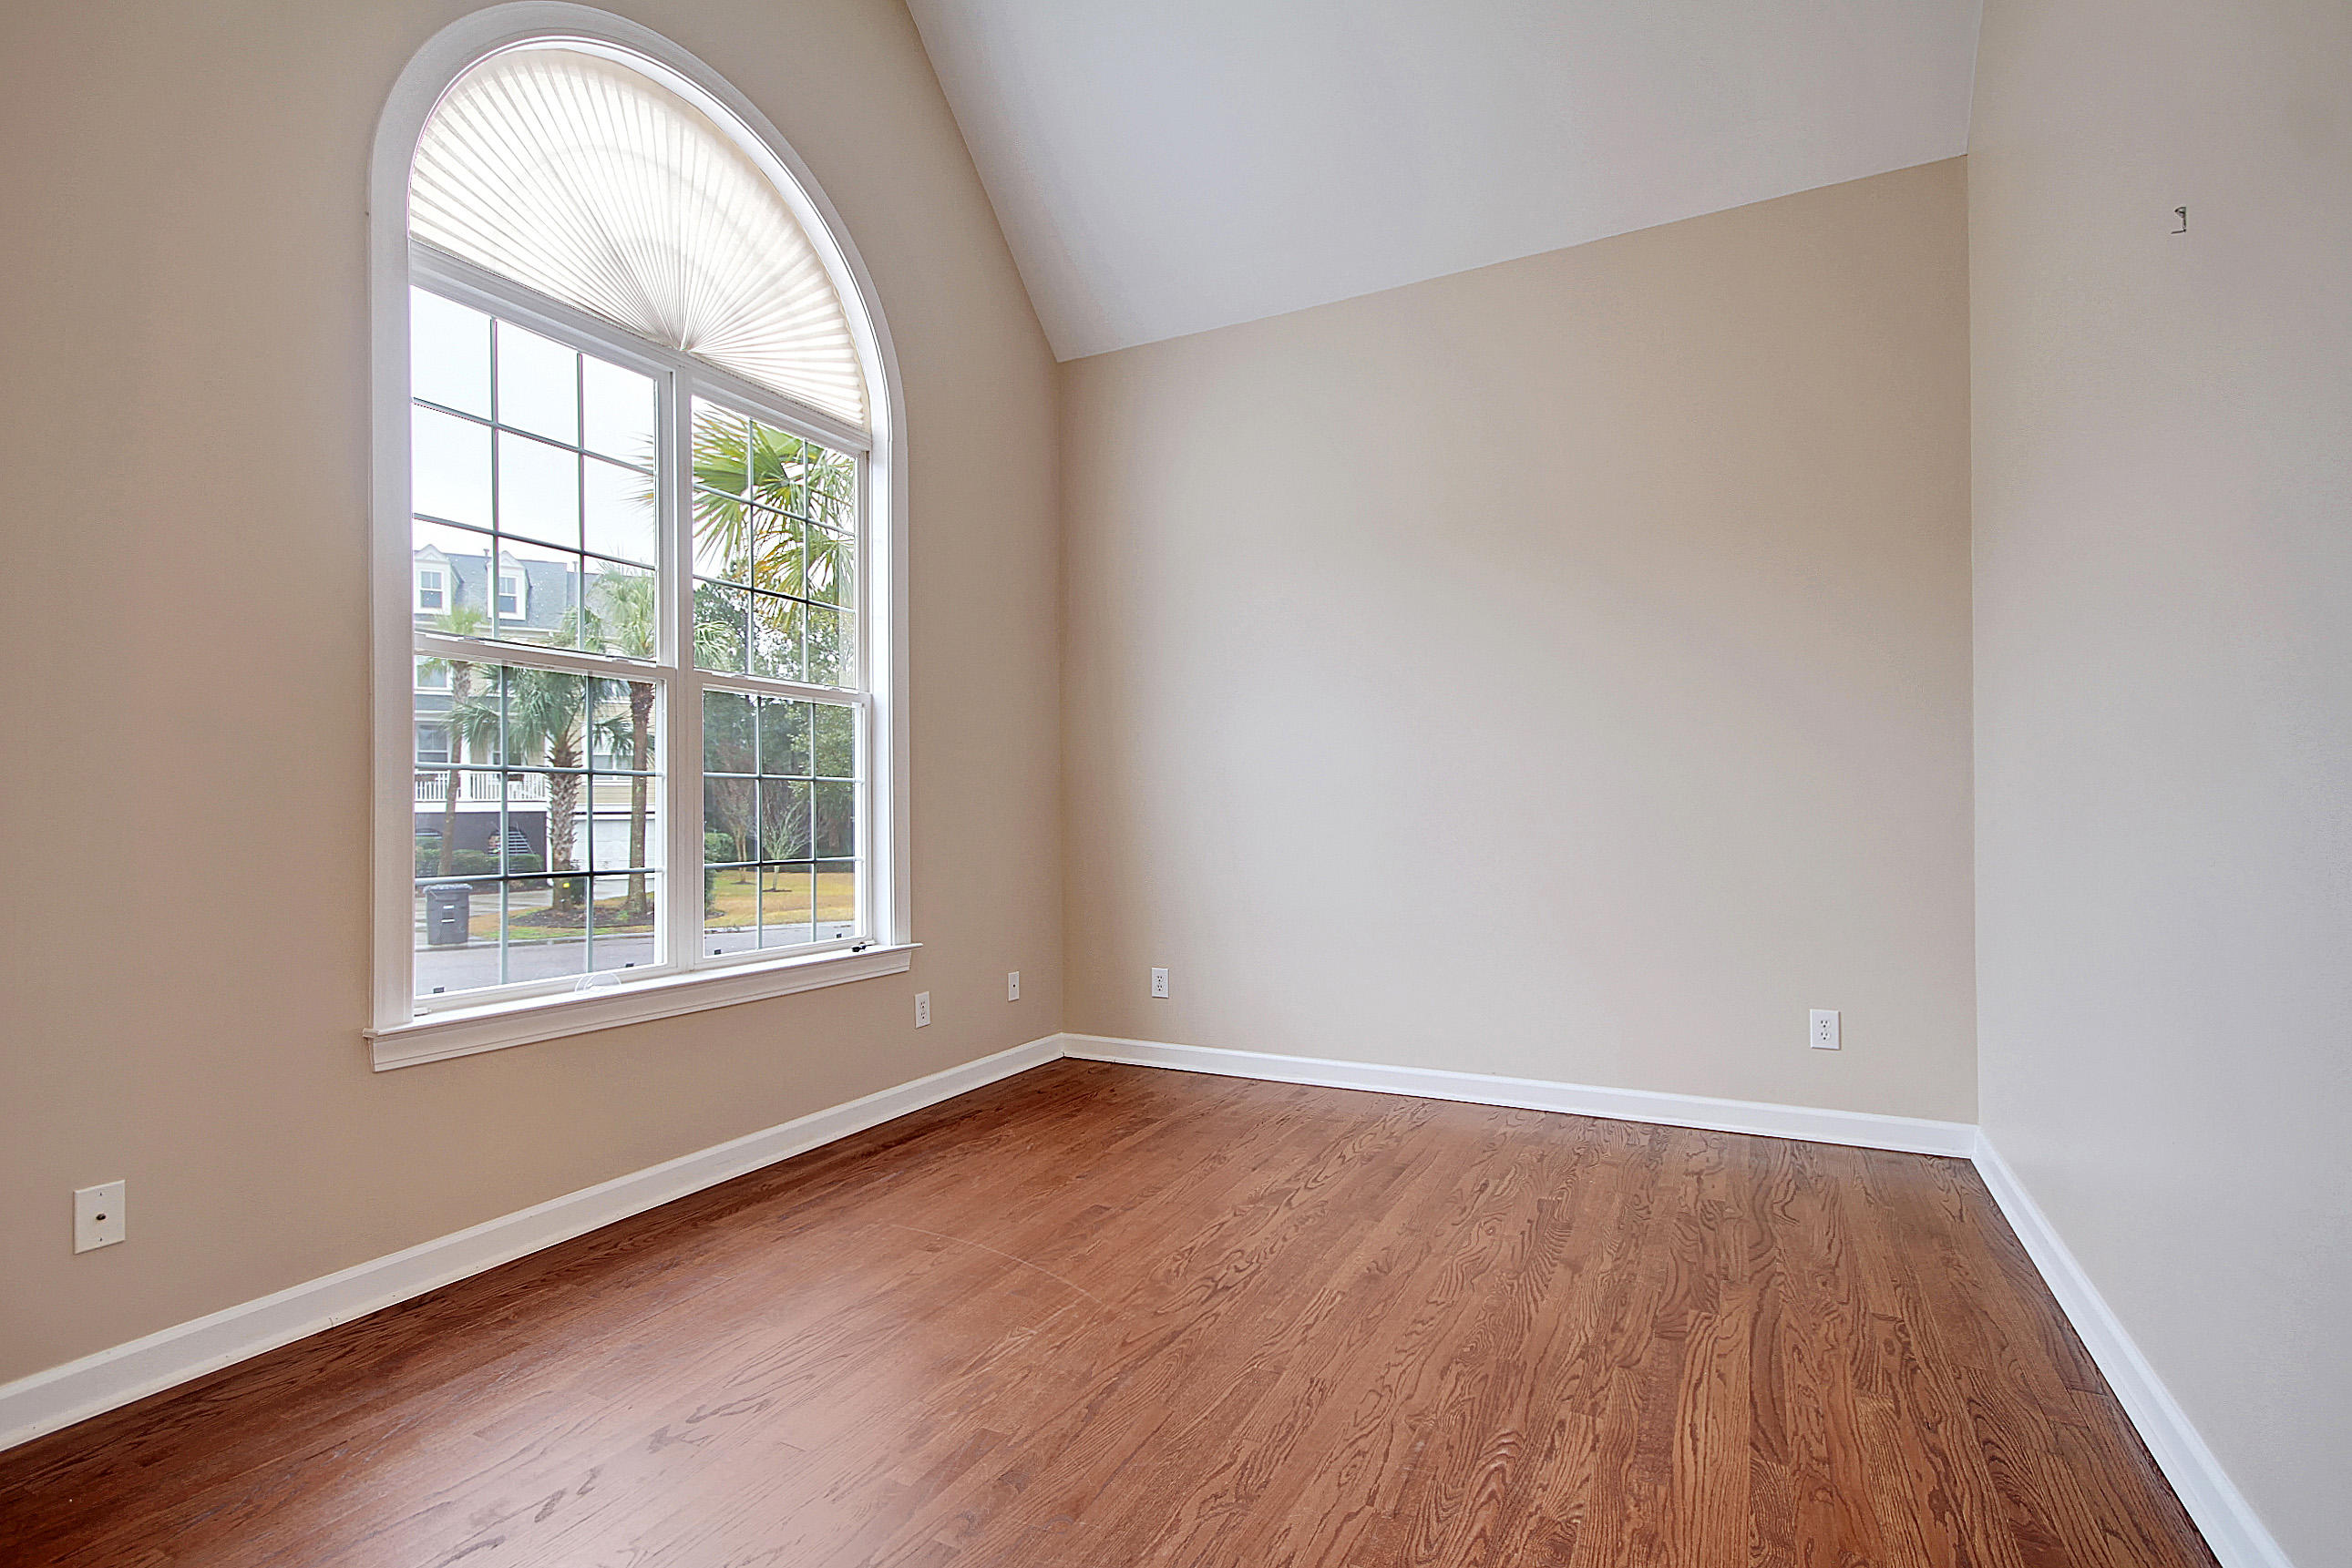 Dunes West Homes For Sale - 1501 Jacaranda, Mount Pleasant, SC - 21